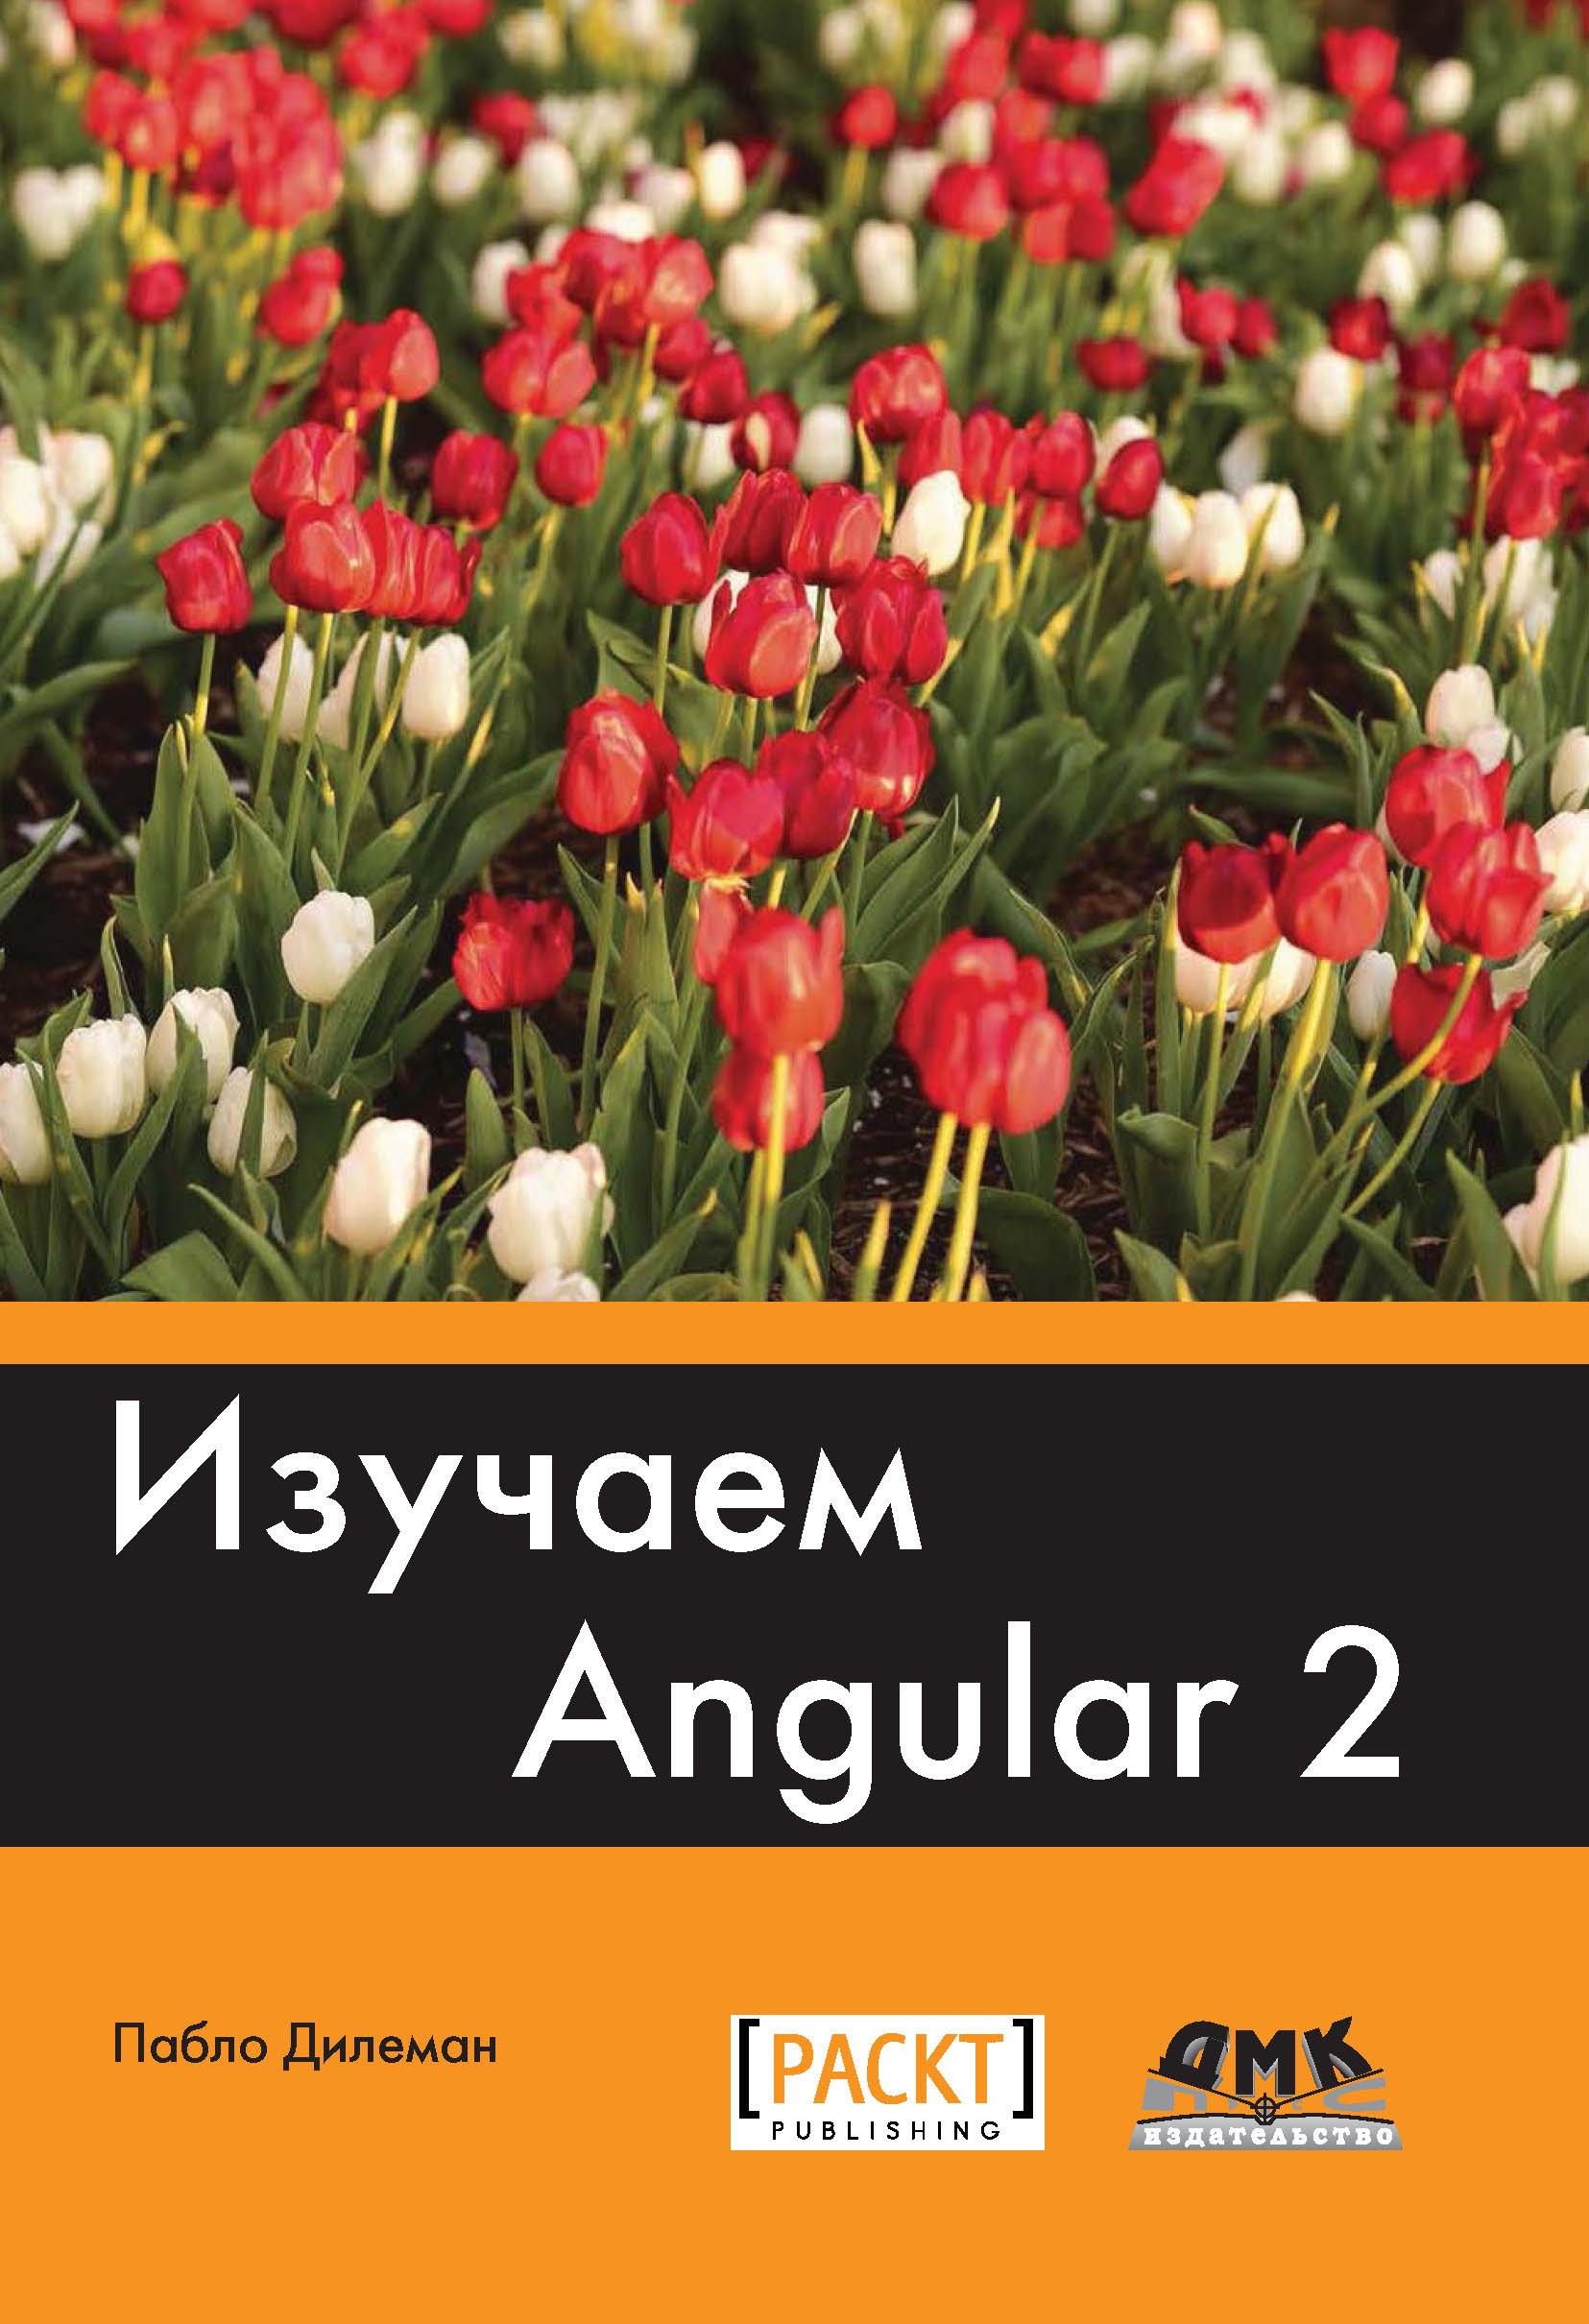 Пабло Дилеман Изучаем Angular 2 фильтры для веб камеры